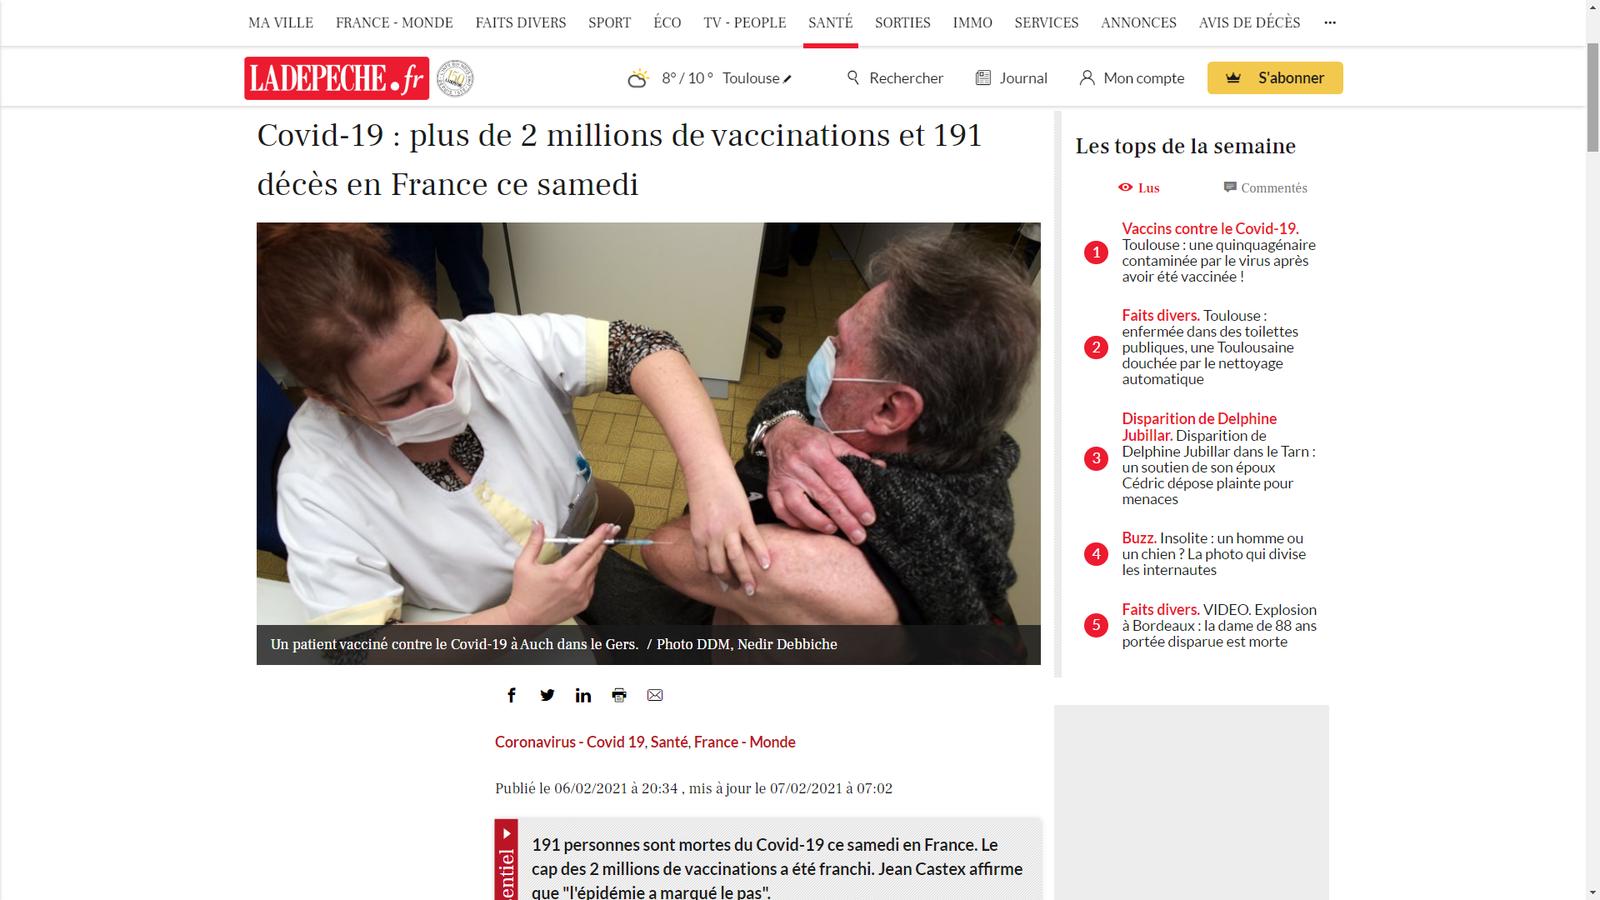 """Covid-19 : 2 millions de vaccinations, Jean Castex affirme que """"l'épidémie a marqué le pas"""", cependant les experts affirment que """"le vaccin n'est PAS le principal moteur de la chute des contaminations"""" (DailyMail)"""